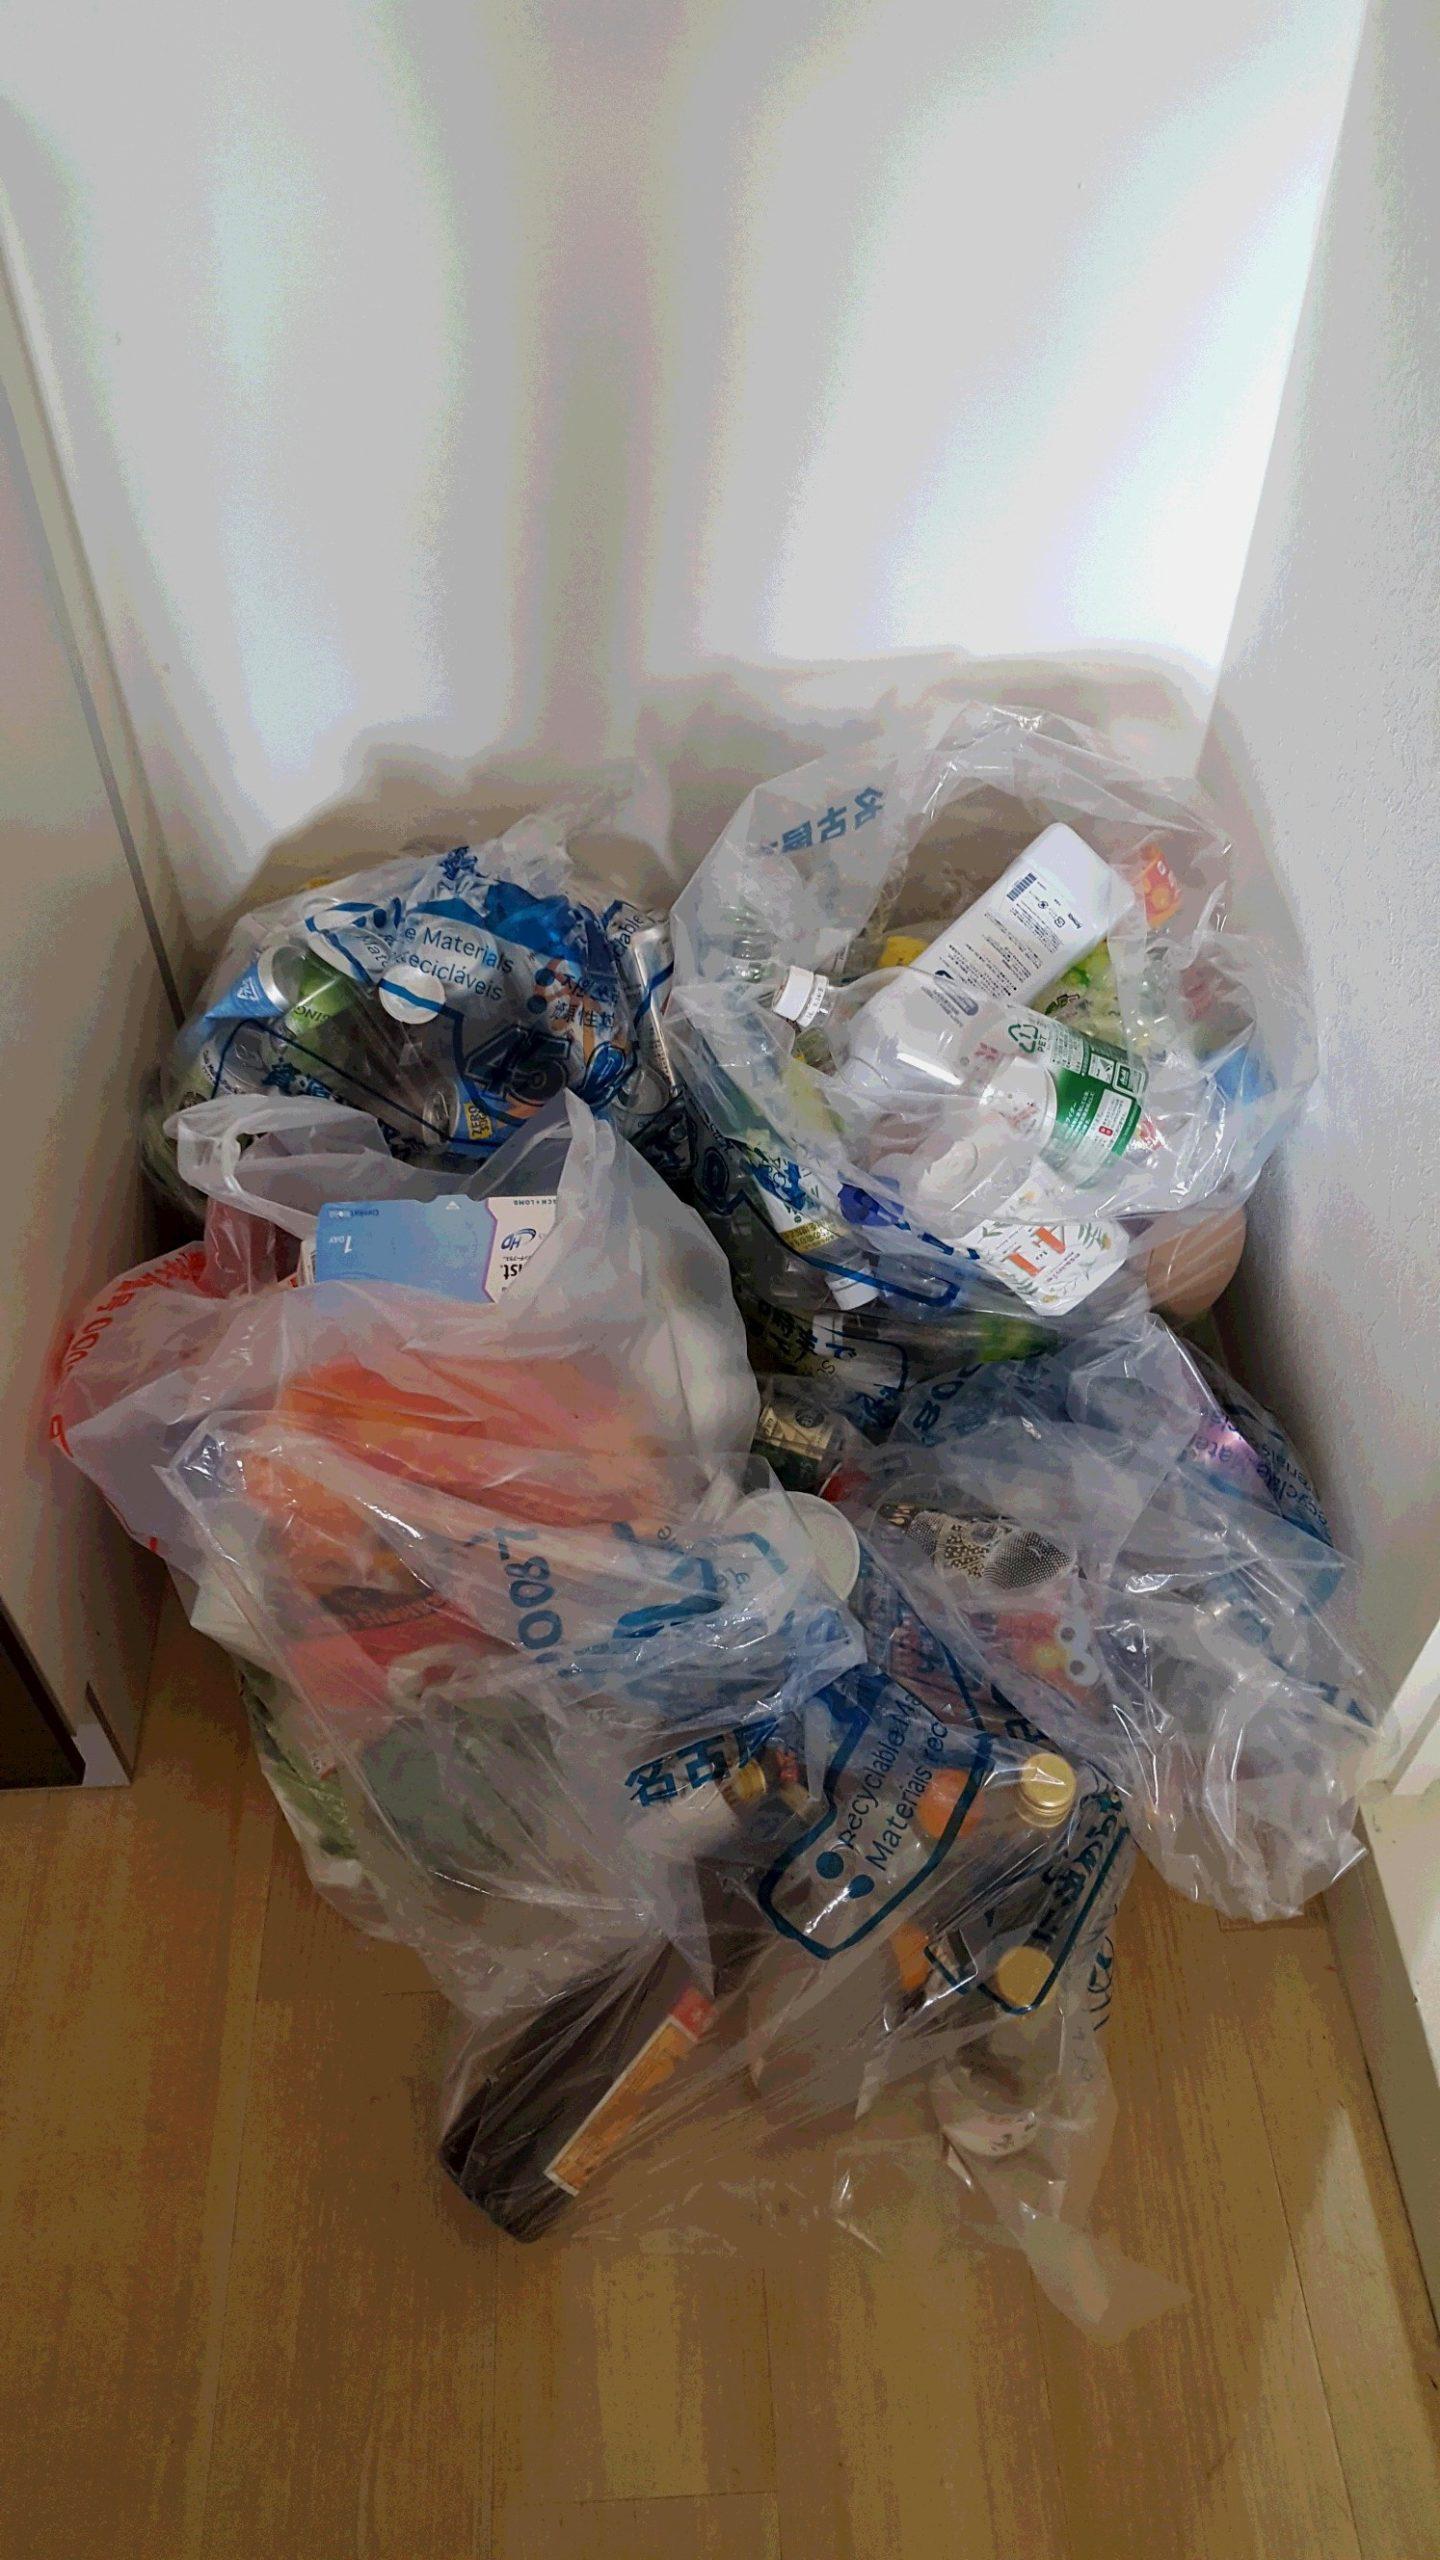 【愛知県名古屋市西区】お引越しに伴う袋ゴミ・生活雑貨の回収